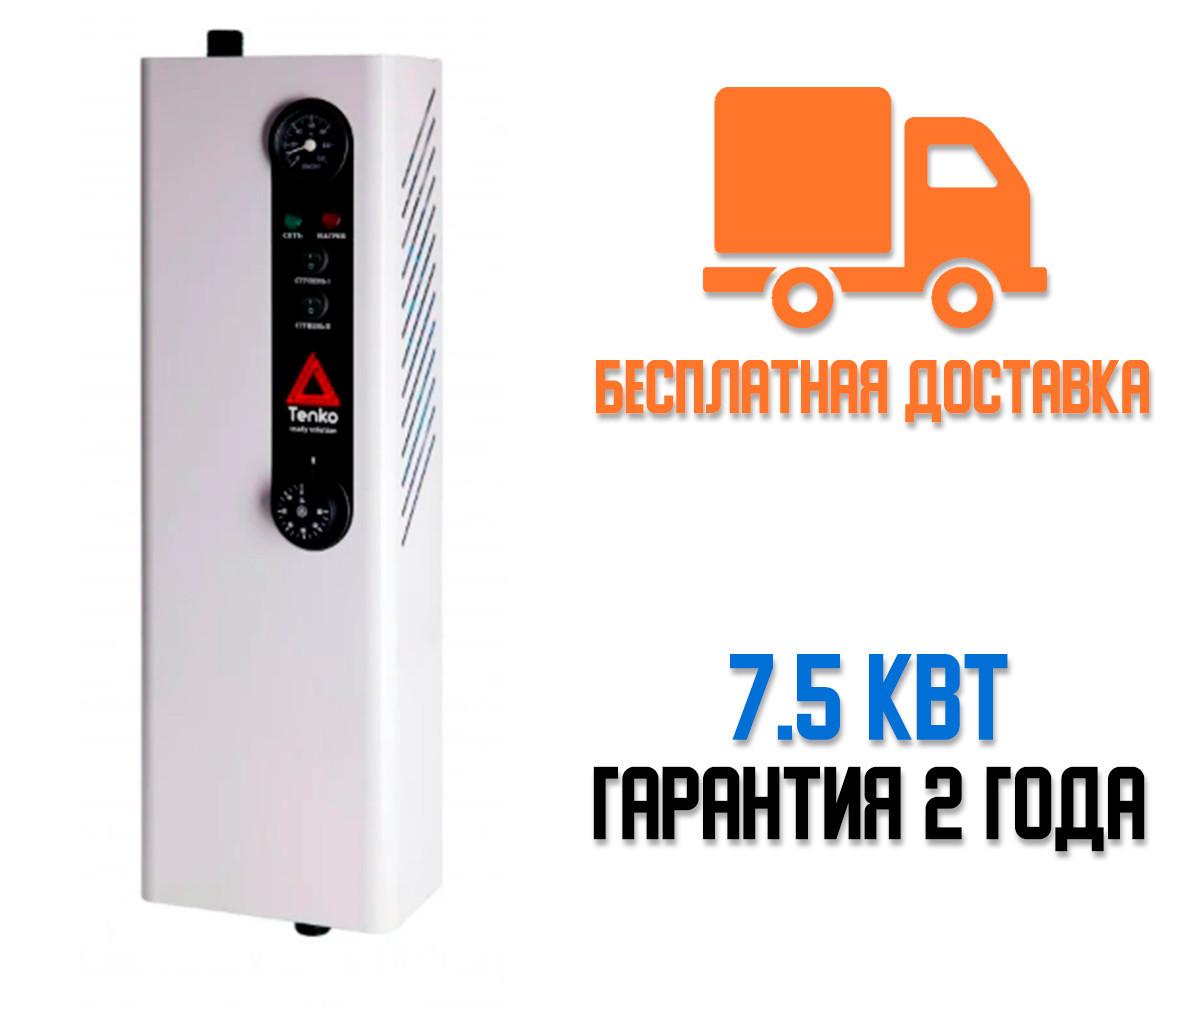 Котел электрический Tenko 7.5 кВт/380 эконом Бесплатная доставка!